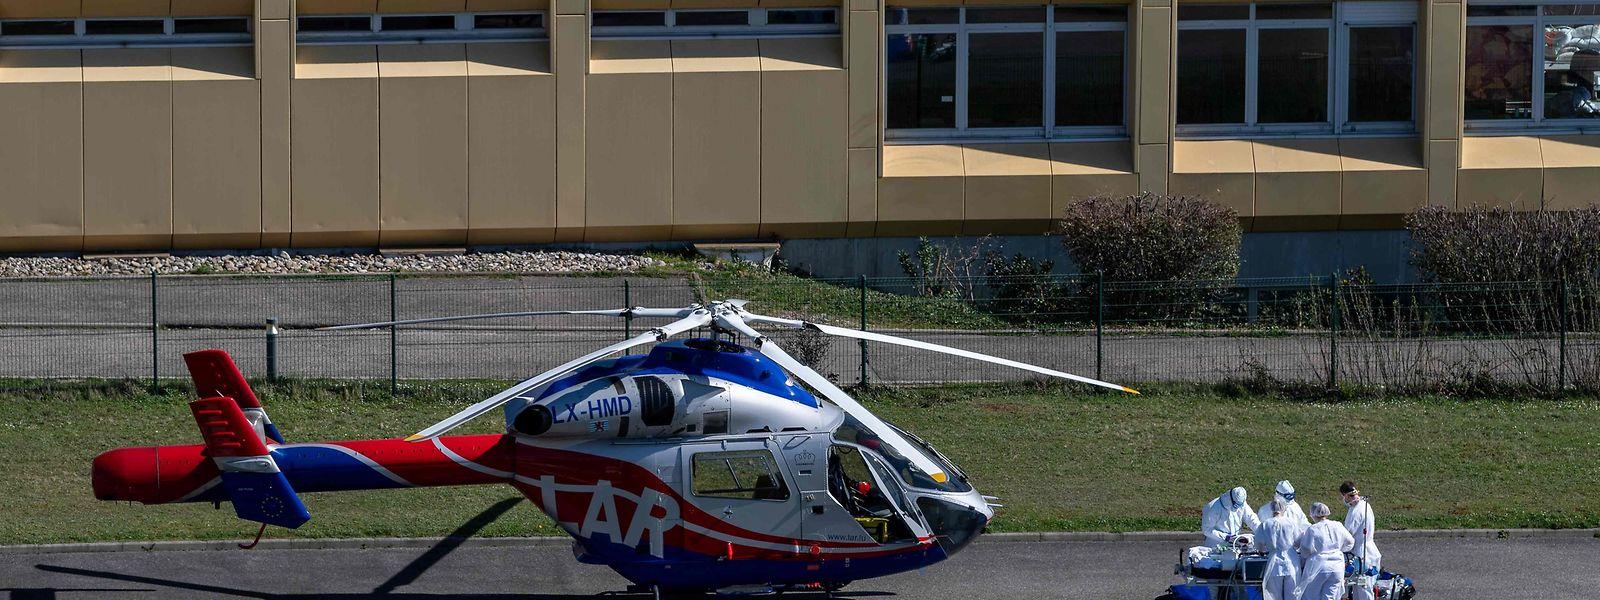 Die Patienten aus Frankreich wurden mit den Rettungshubschraubern der Air Rescue eingeflogen.